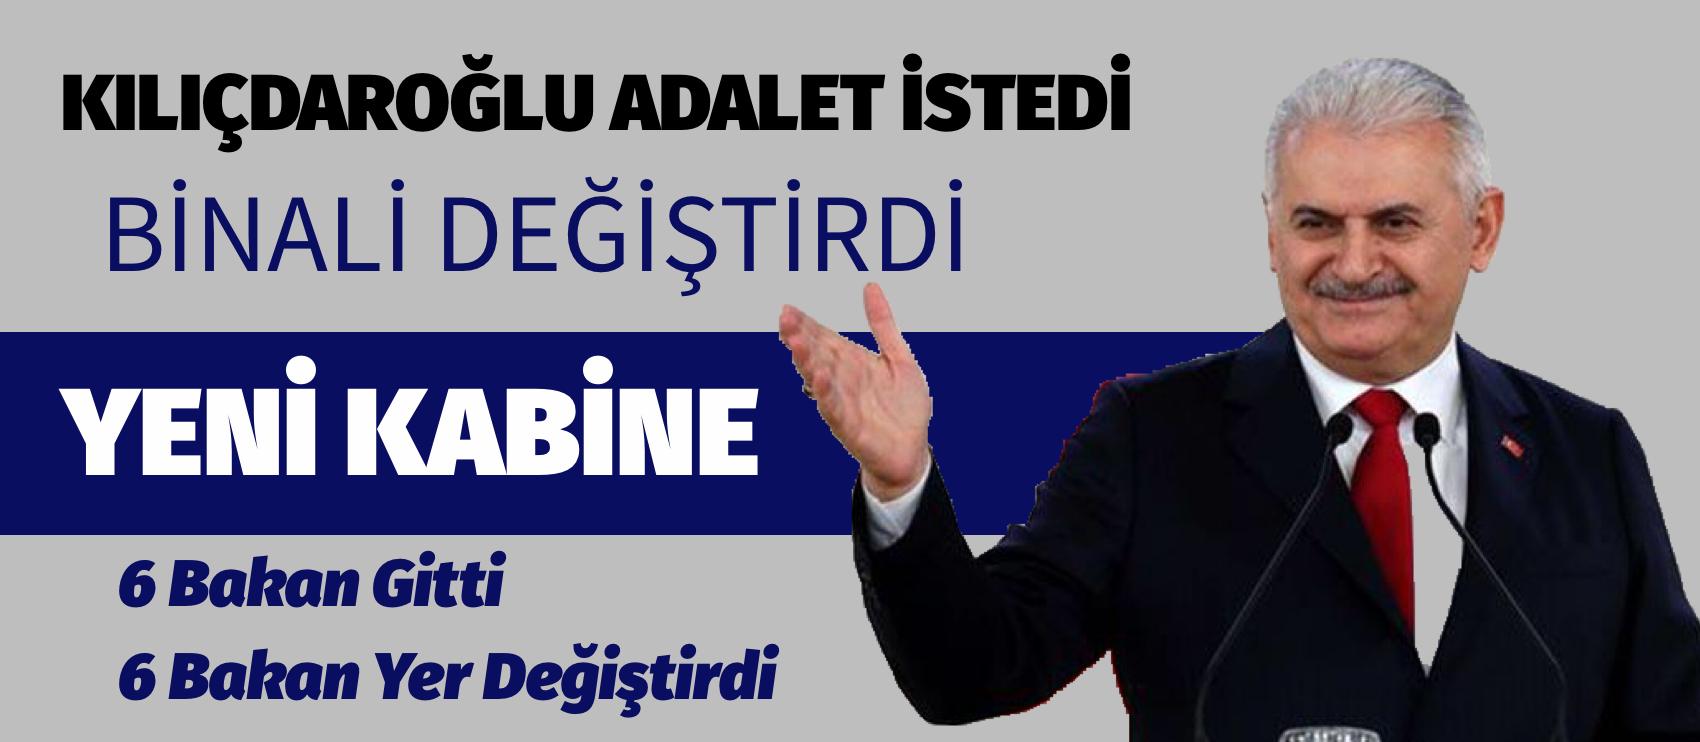 """""""ADALET YÜRÜYÜŞÜ"""" ADALET BAKANINI YEDİ"""